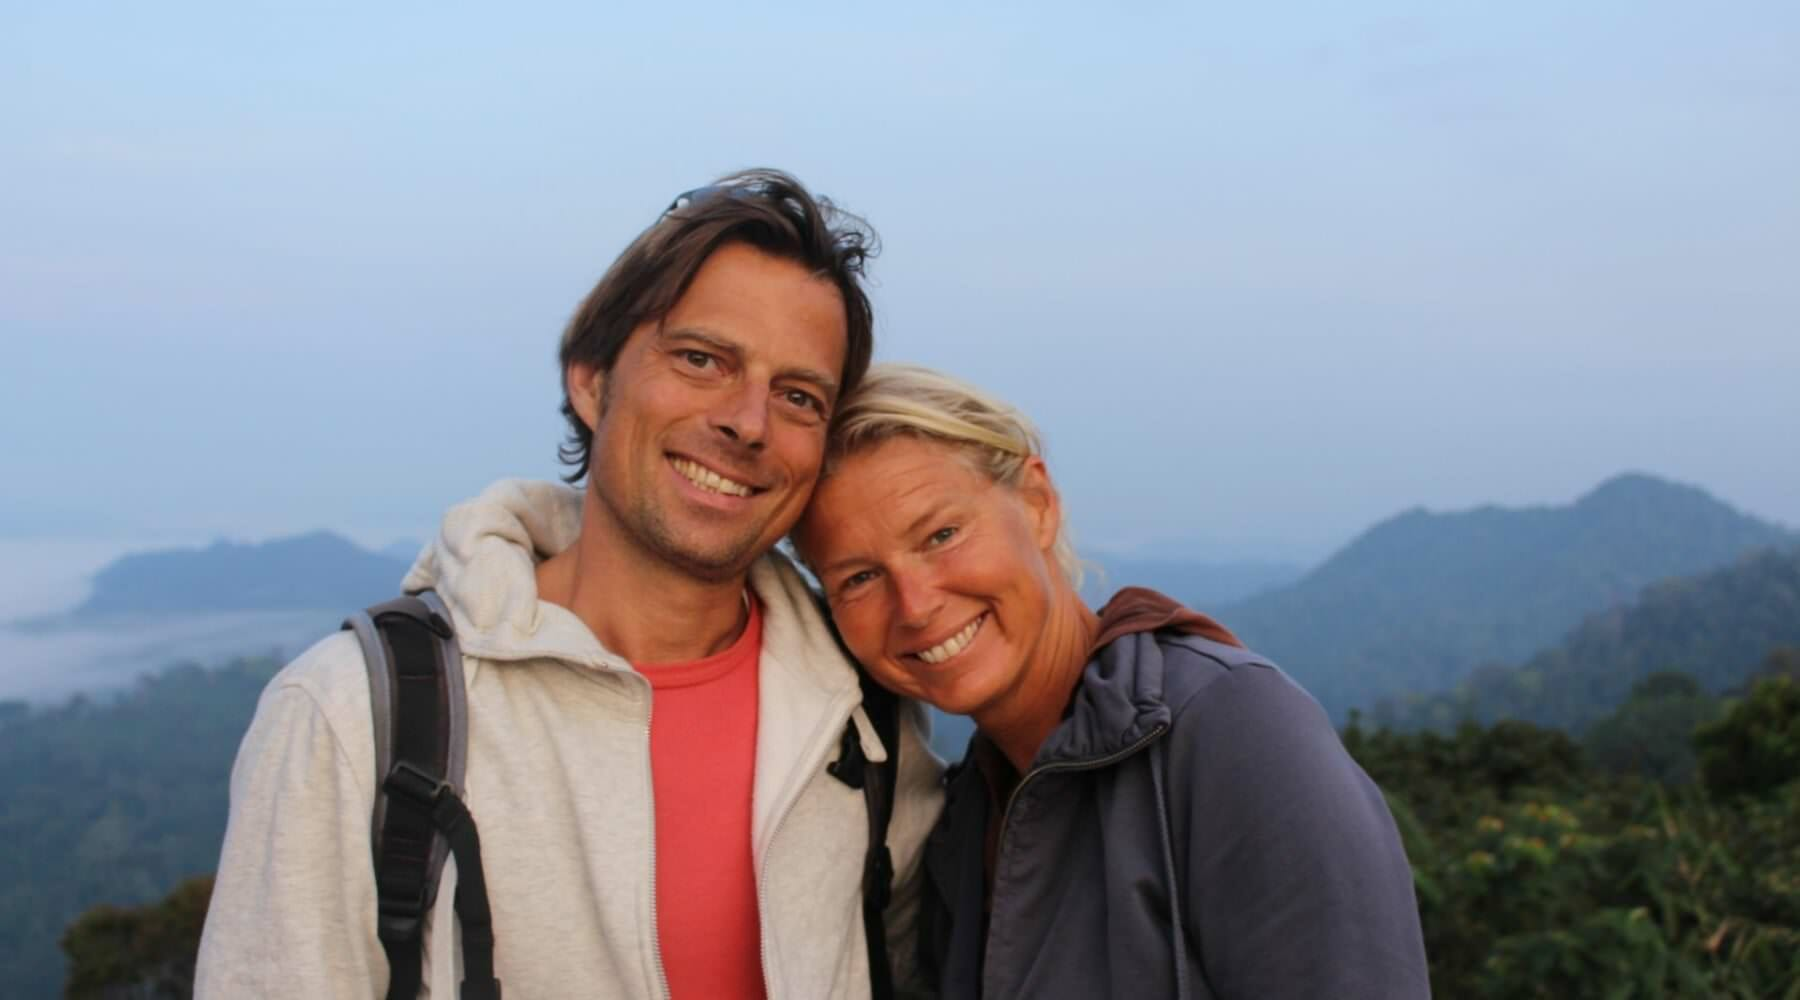 Stefanie Drebing and Oliver Kulter